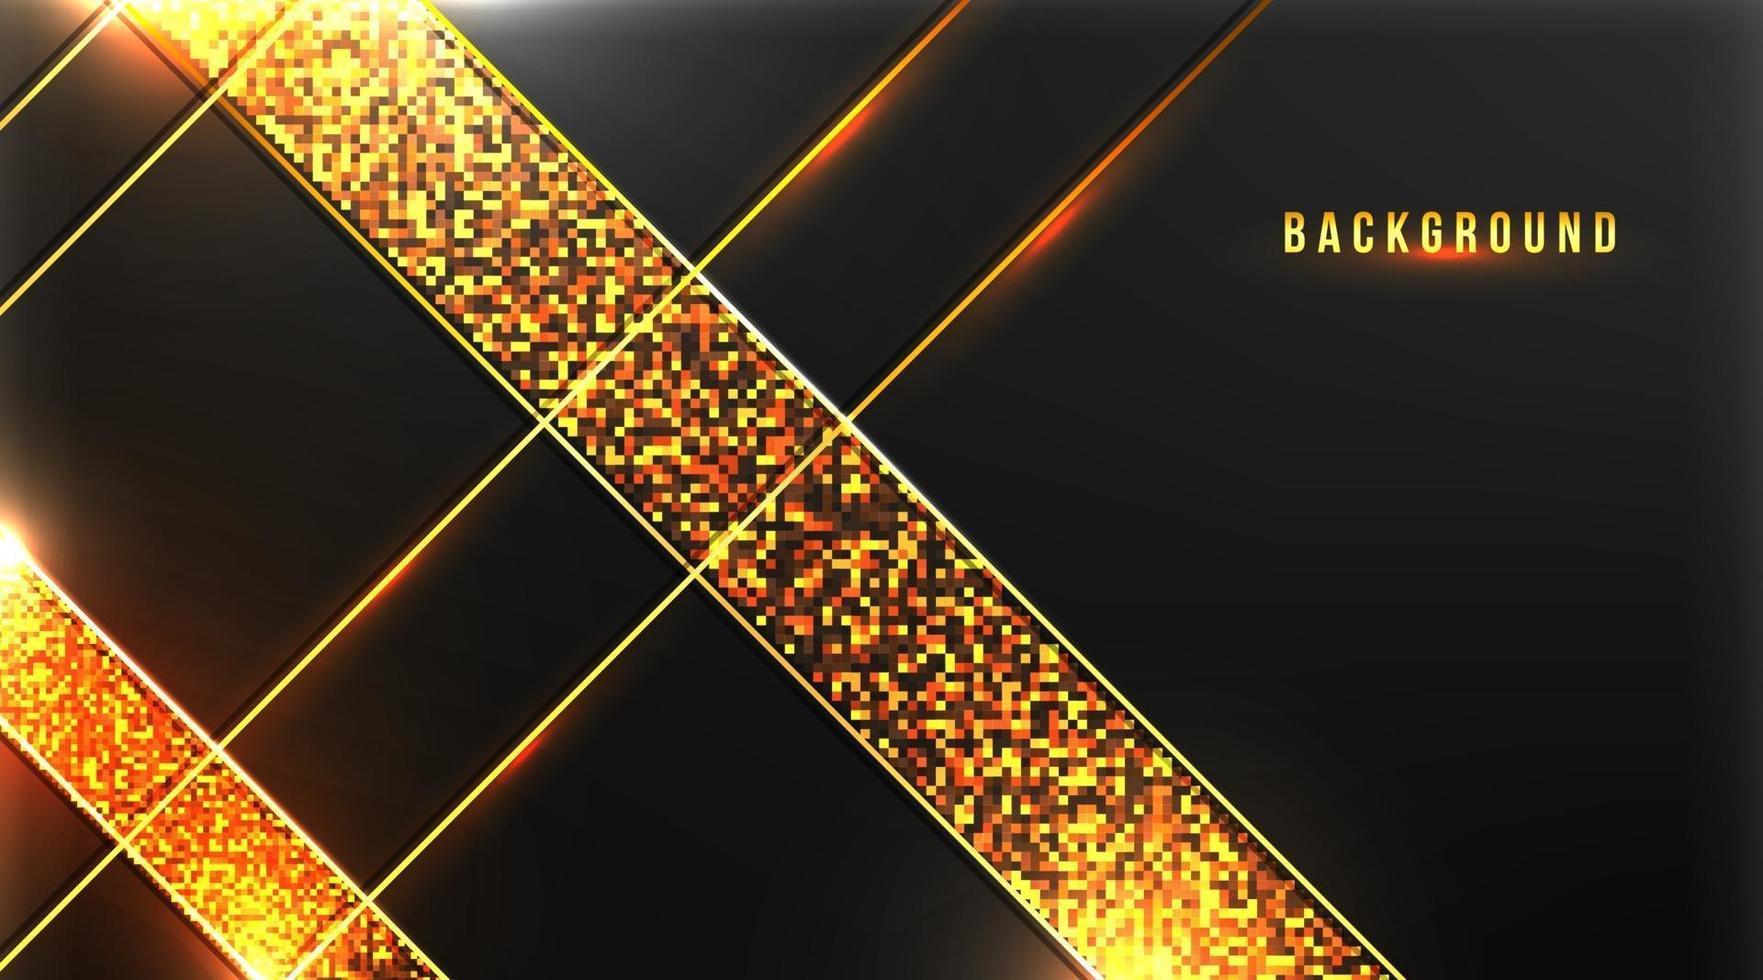 abstrakter Premiumhintergrund mit Gold auf dunklem Hintergrundvektorillustration vektor